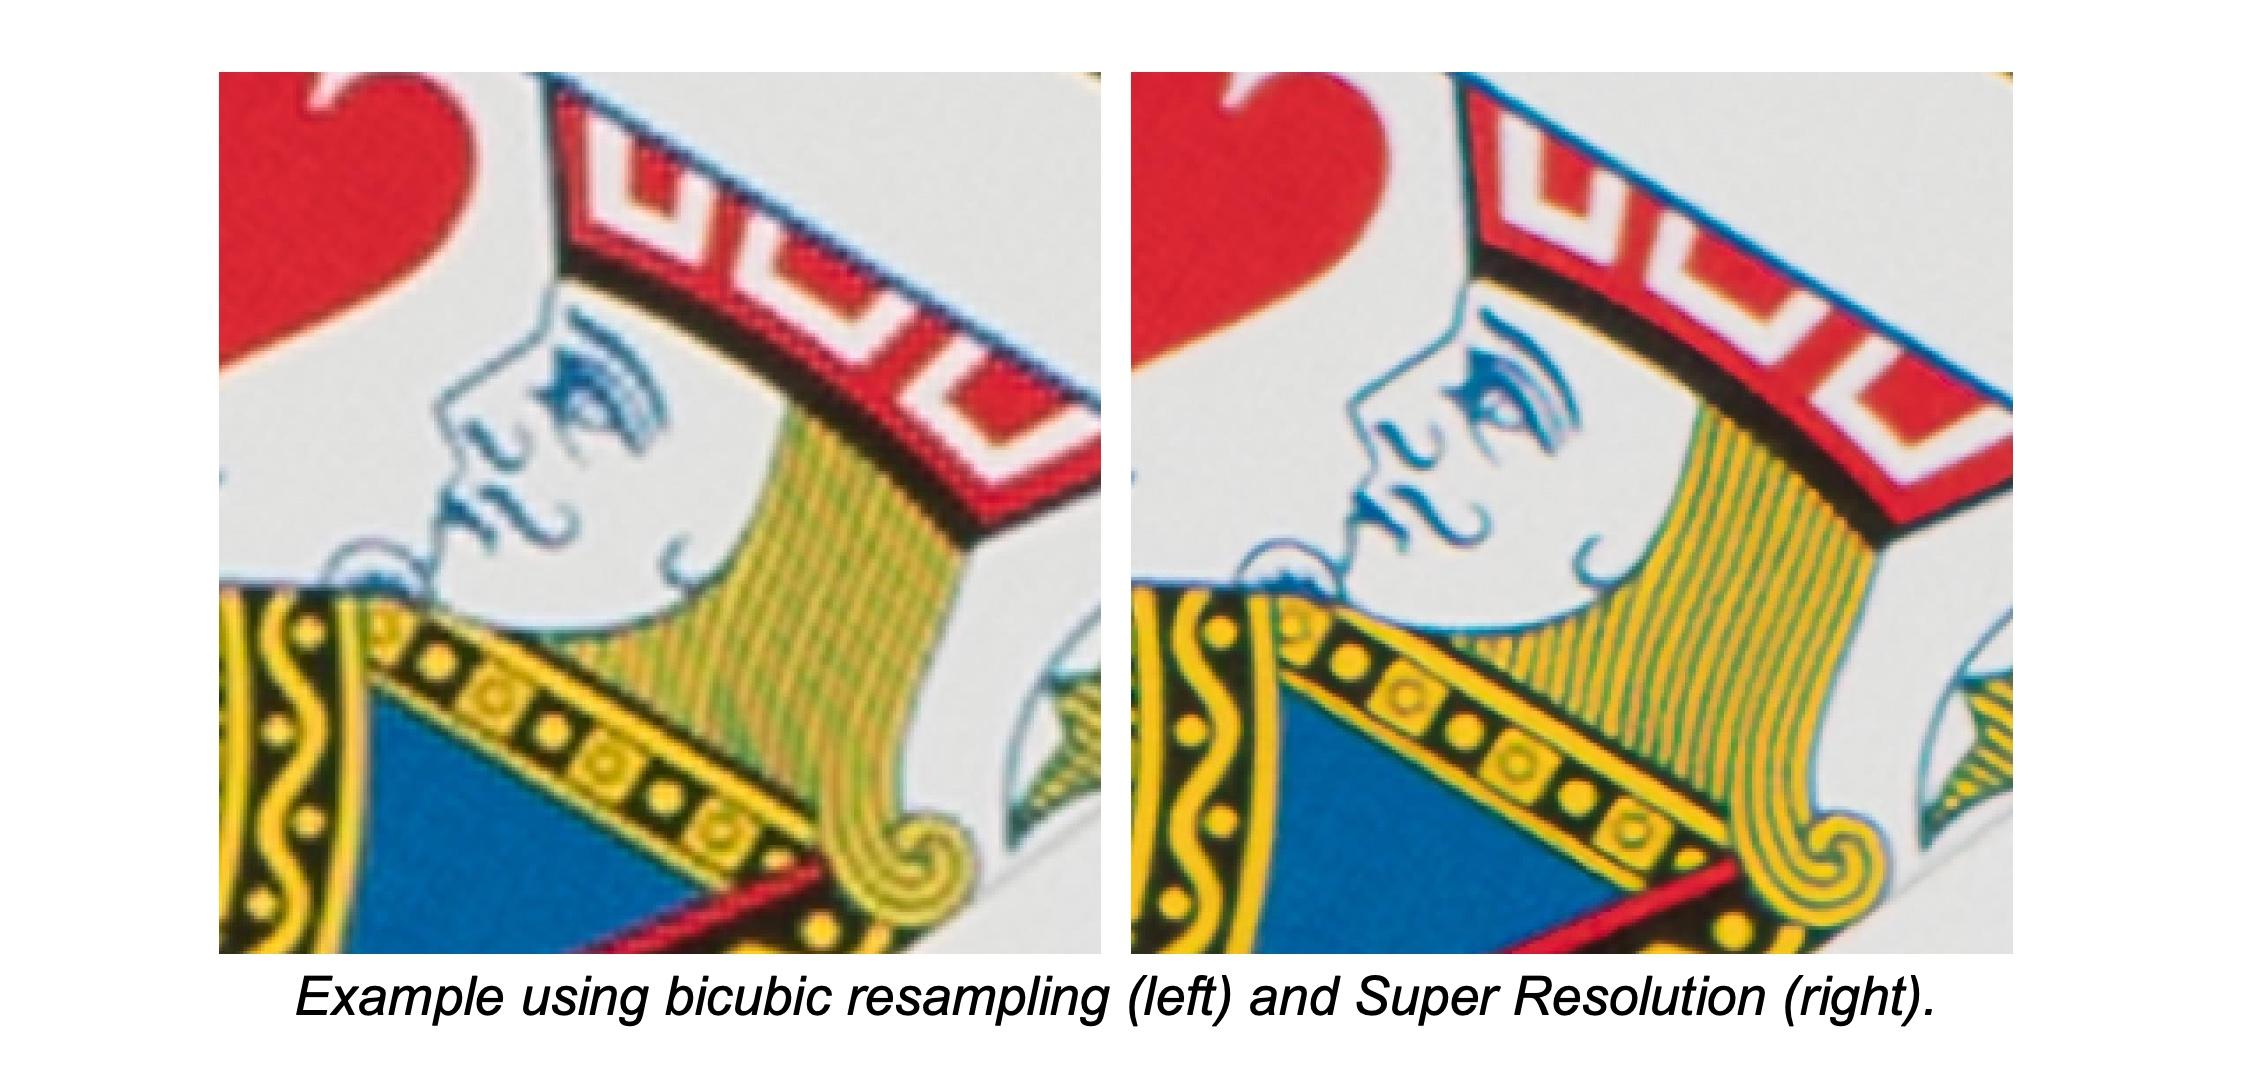 Adobe's Super Resolution comparison photo